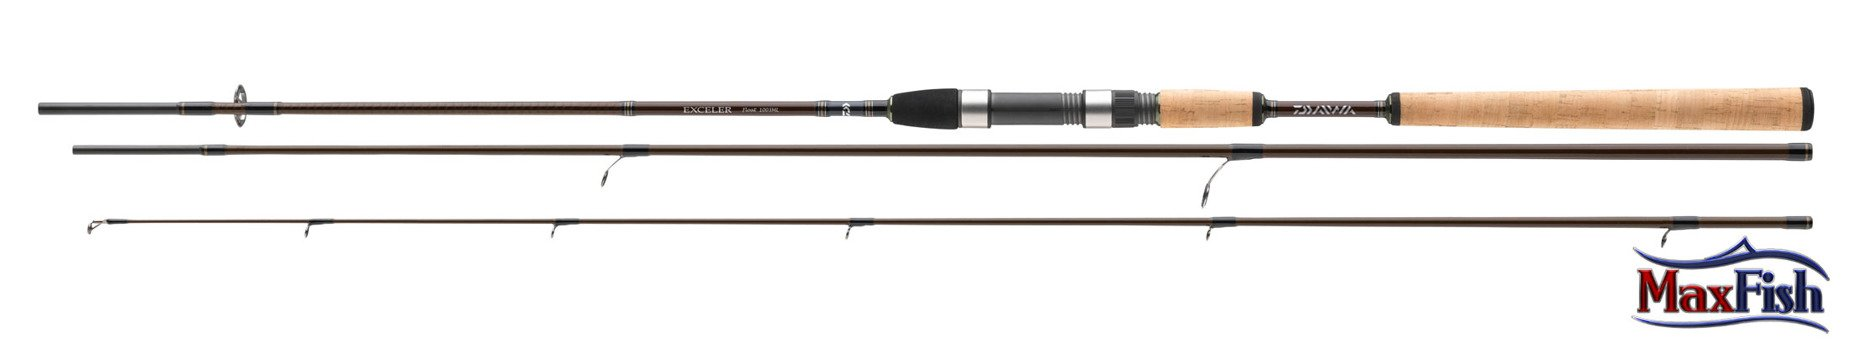 Daiwa Exceler Float  300cm 10-30g